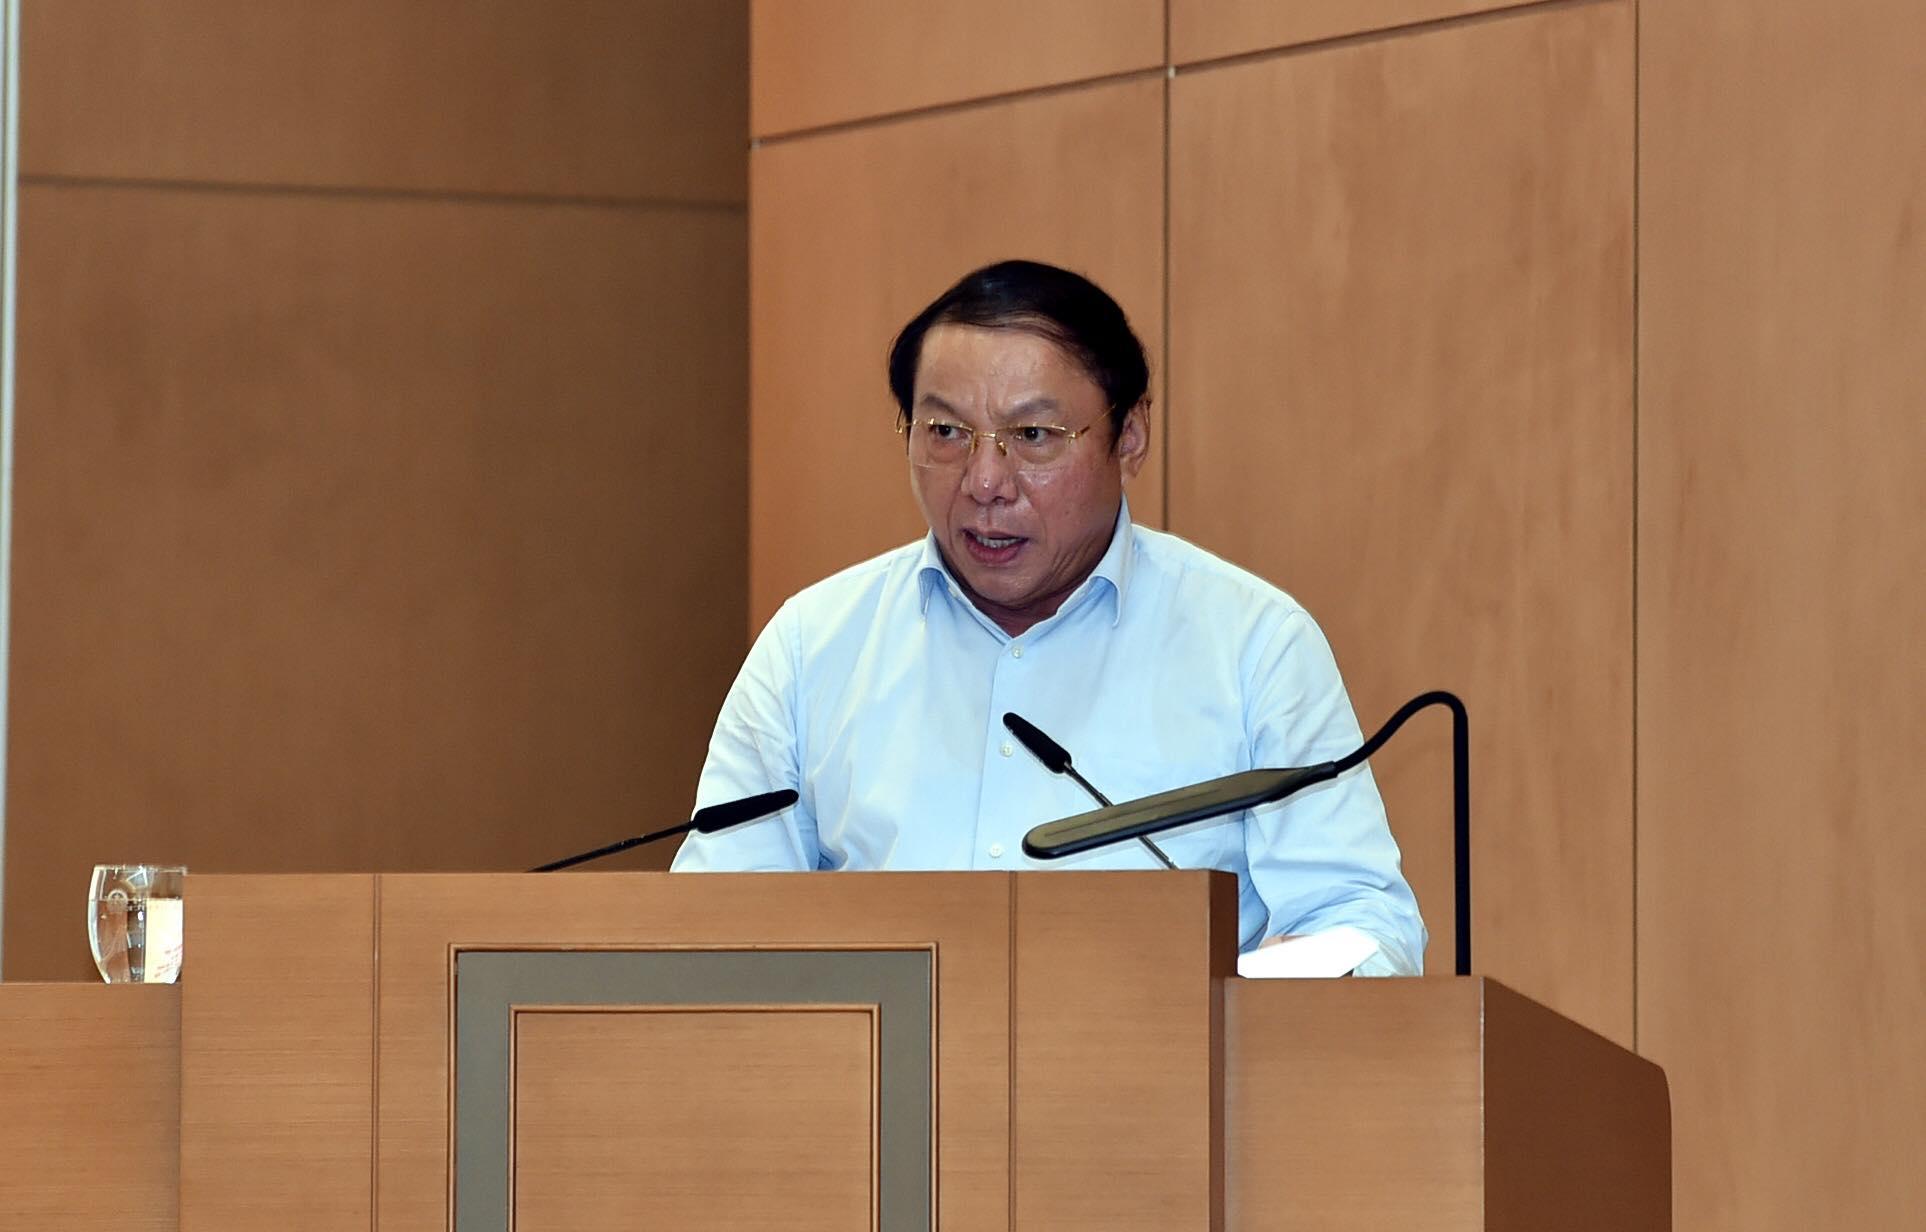 Phát huy giá trị văn hóa, sức mạnh con người Việt Nam và sức mạnh đại đoàn kết dân tộc - Ảnh 1.